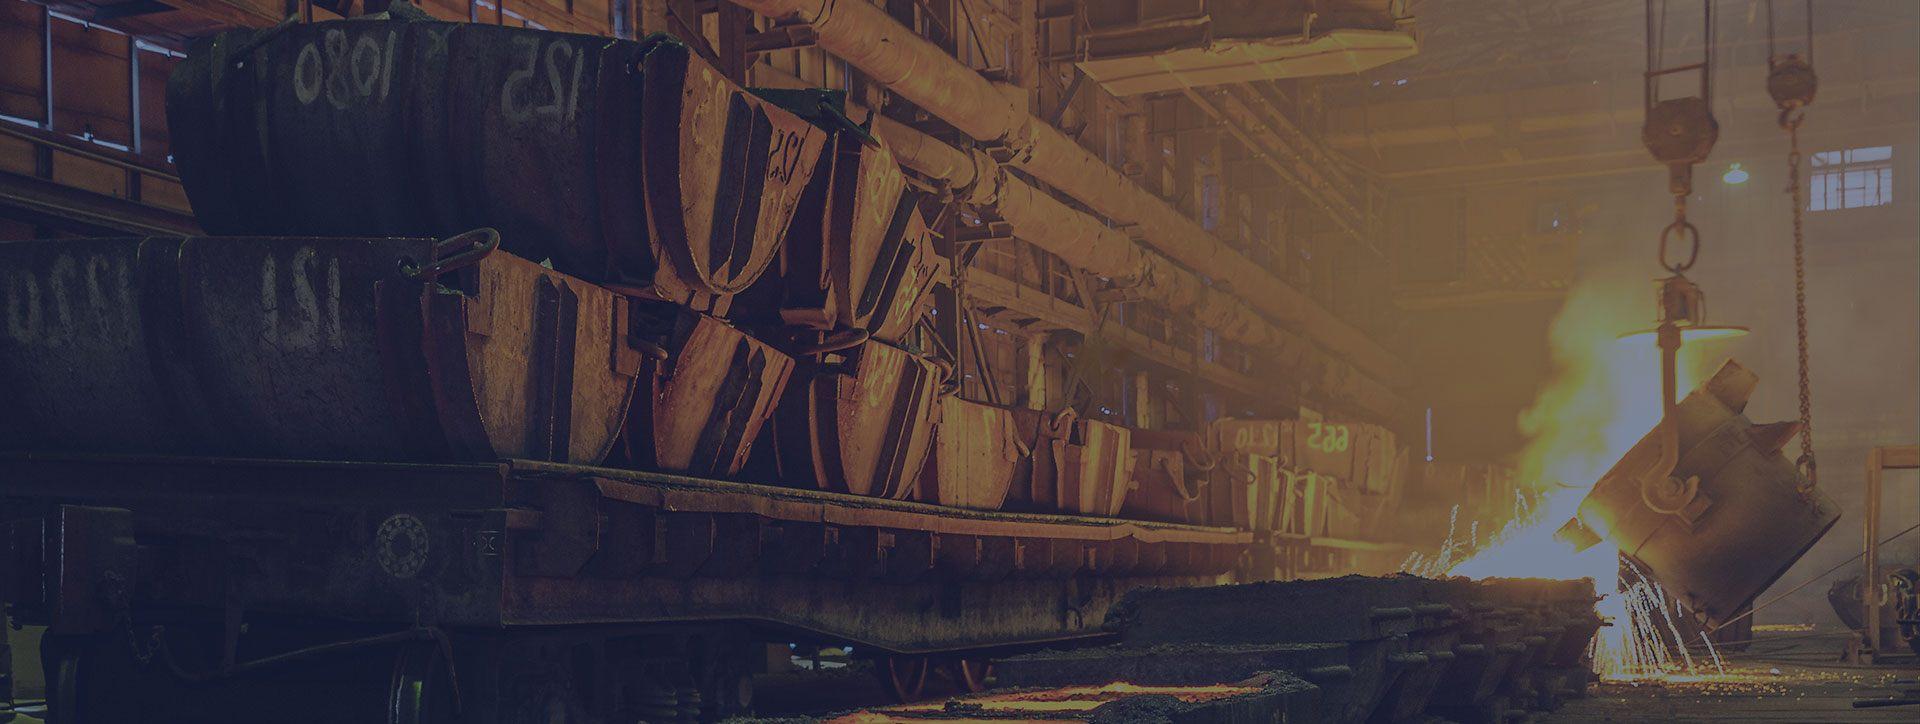 آرین راد  تولید کننده